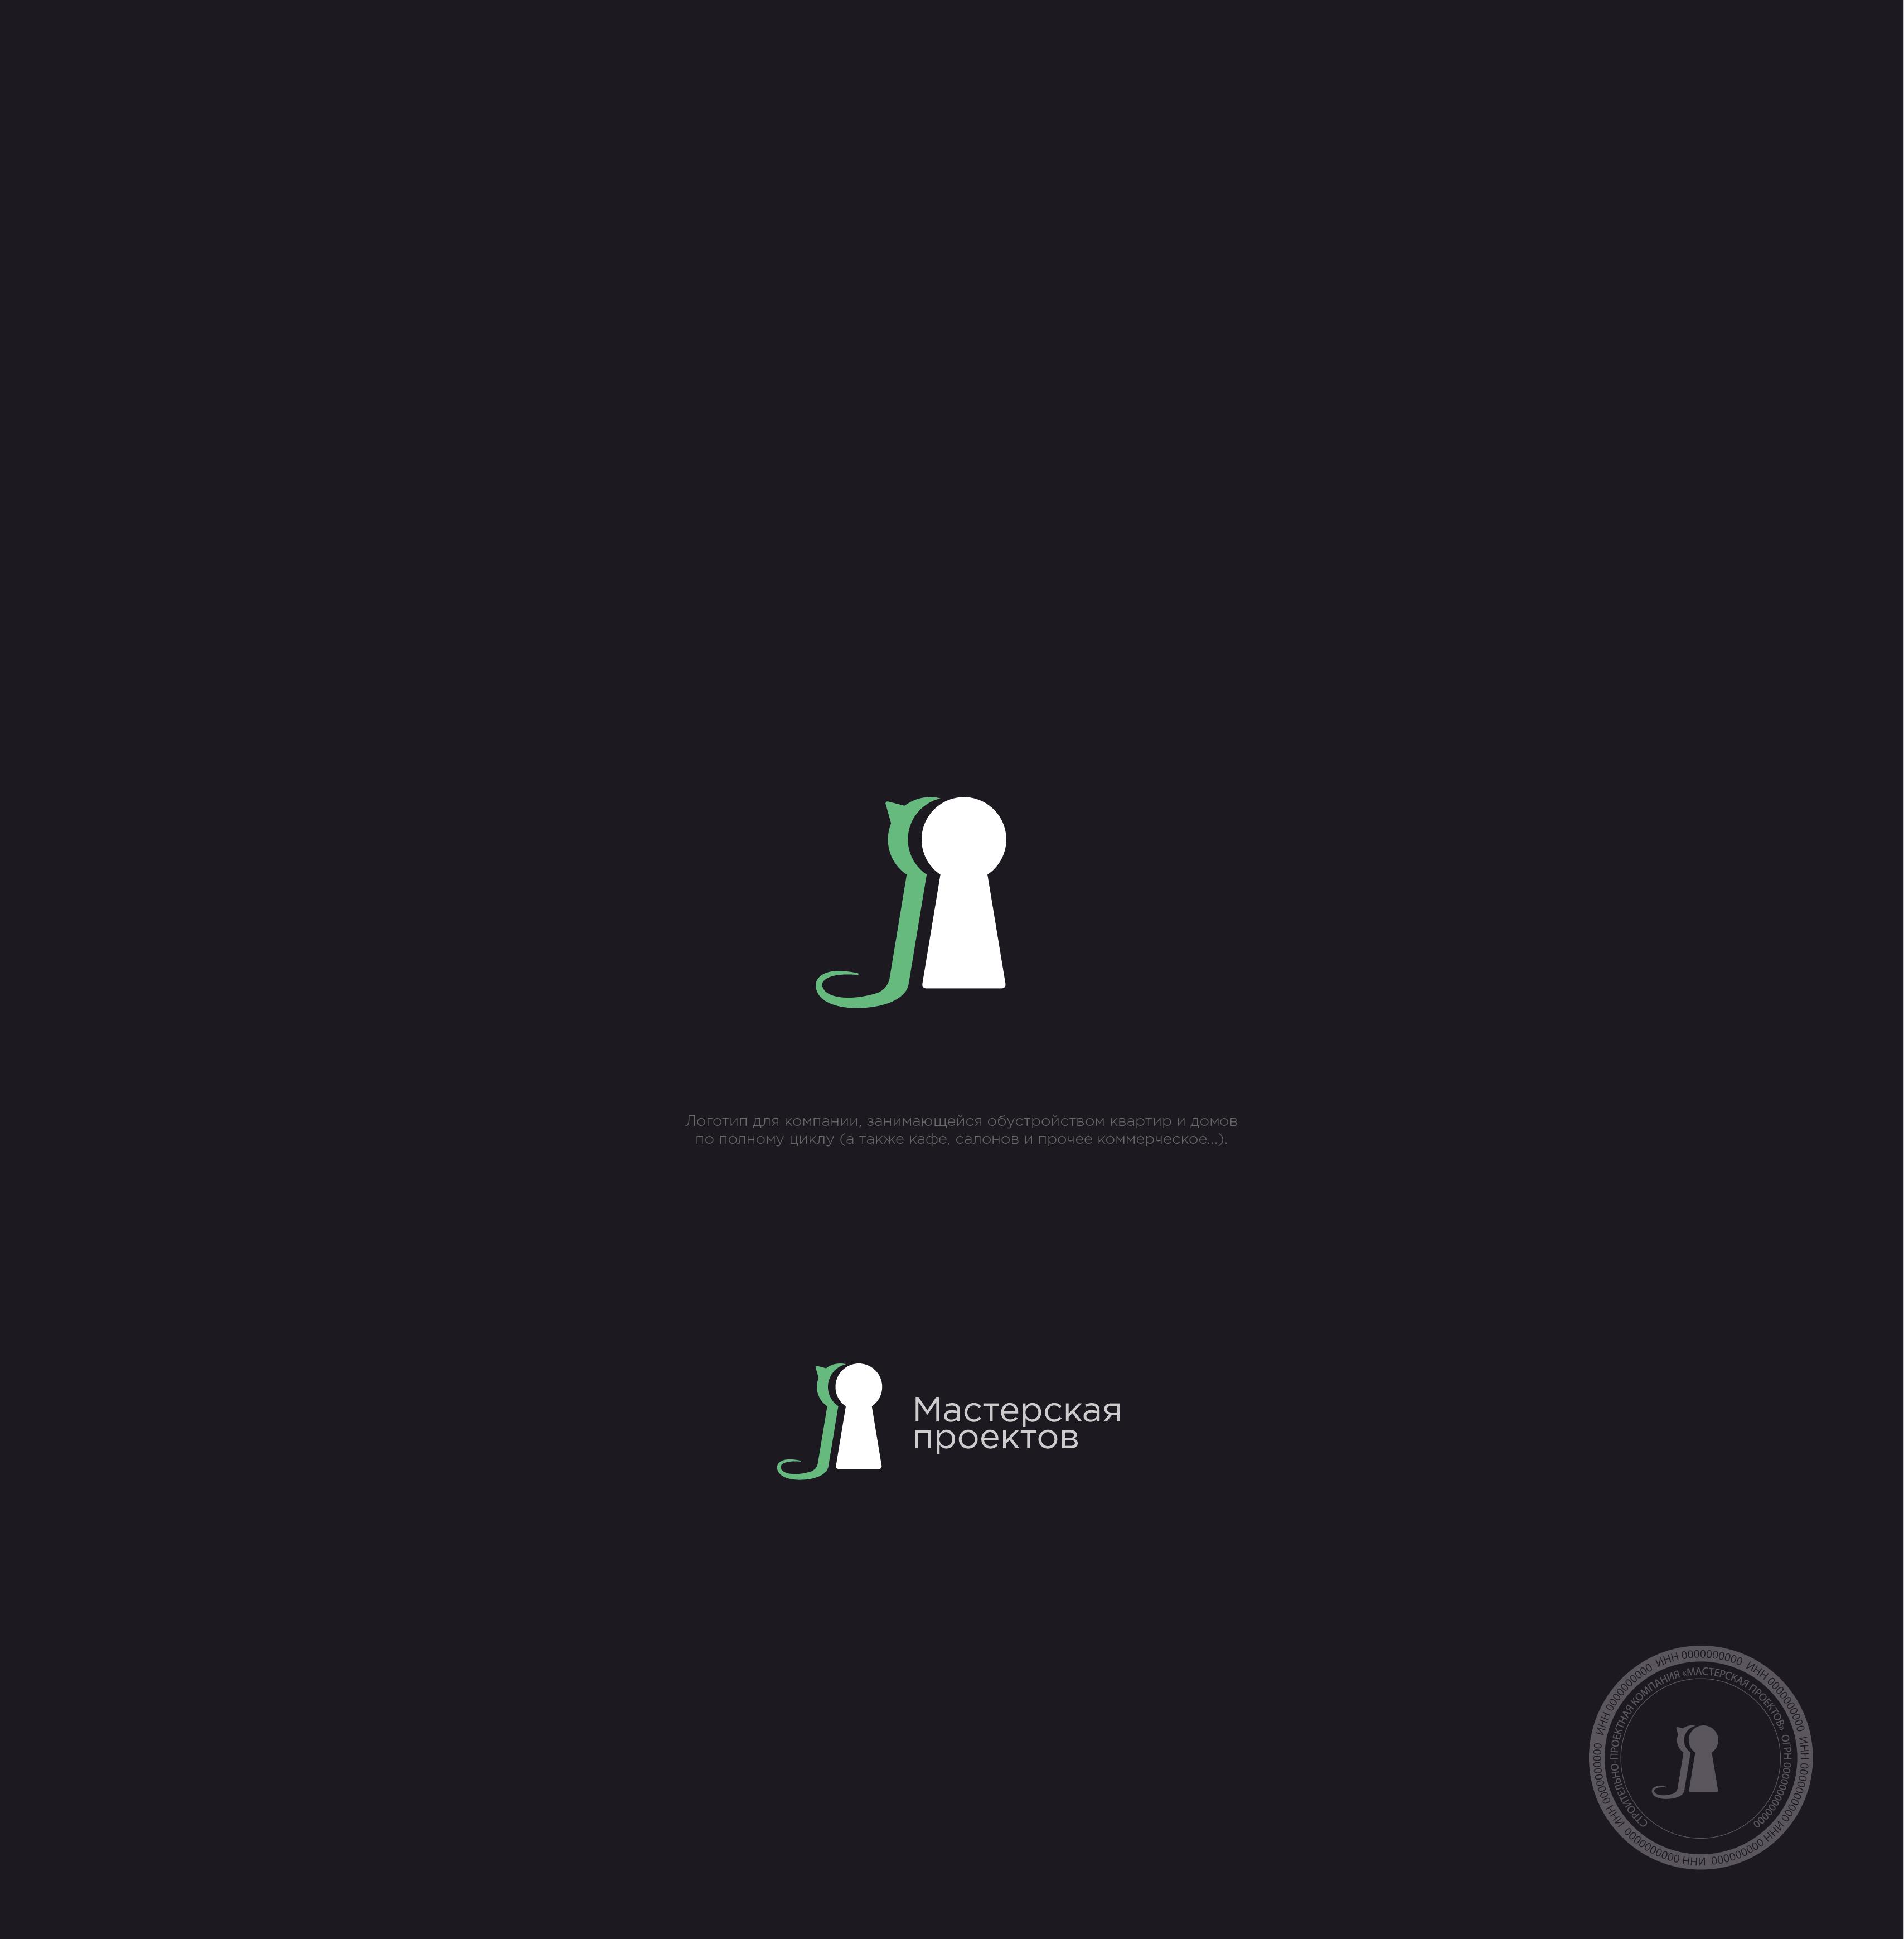 Разработка логотипа строительно-мебельного проекта (см. опис фото f_36760797b910c965.png